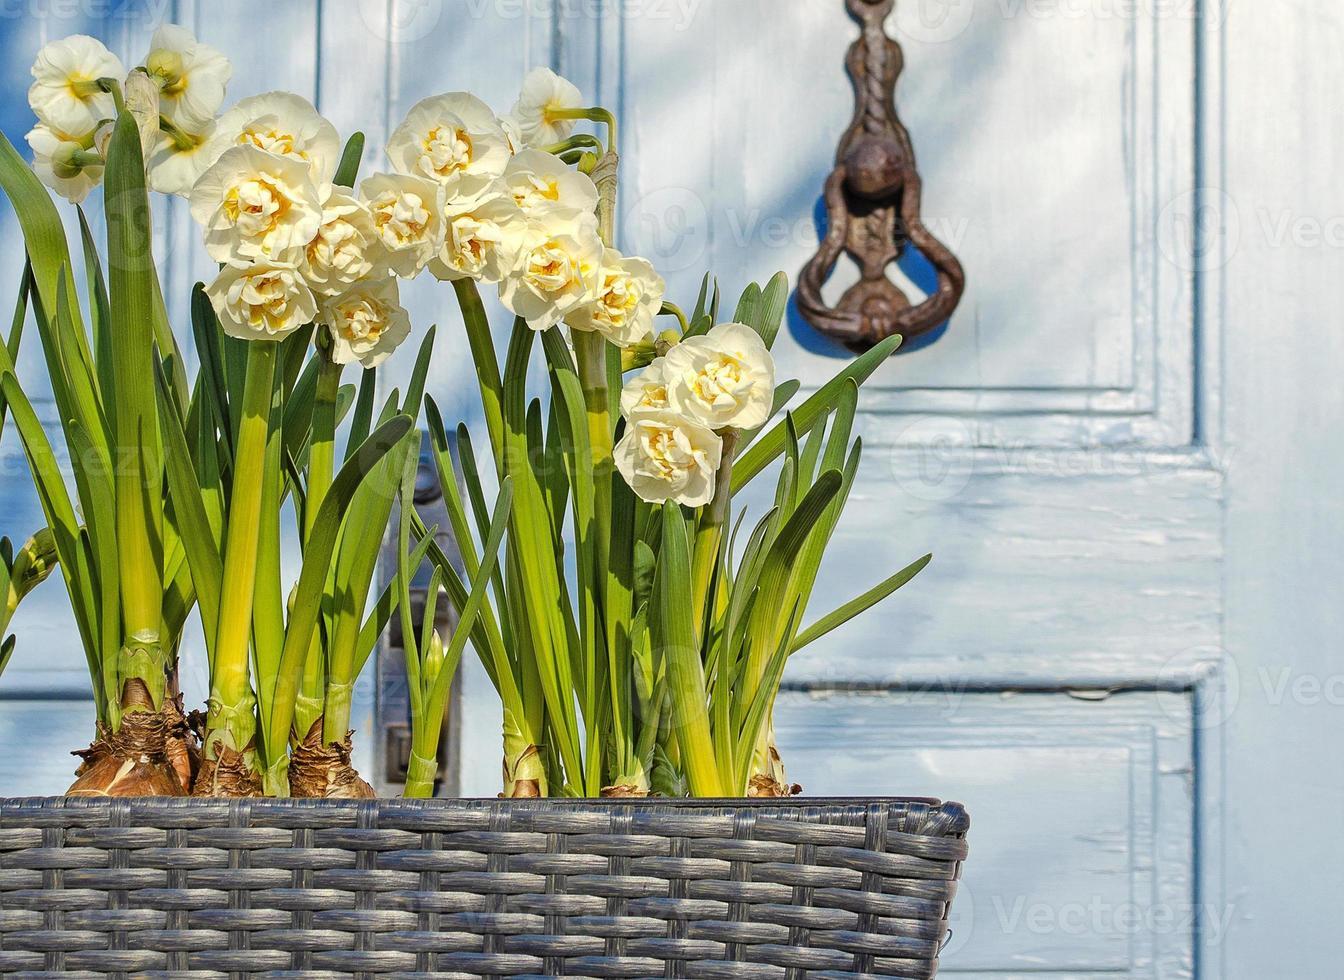 fiori primaverili in un vaso per strada. foto